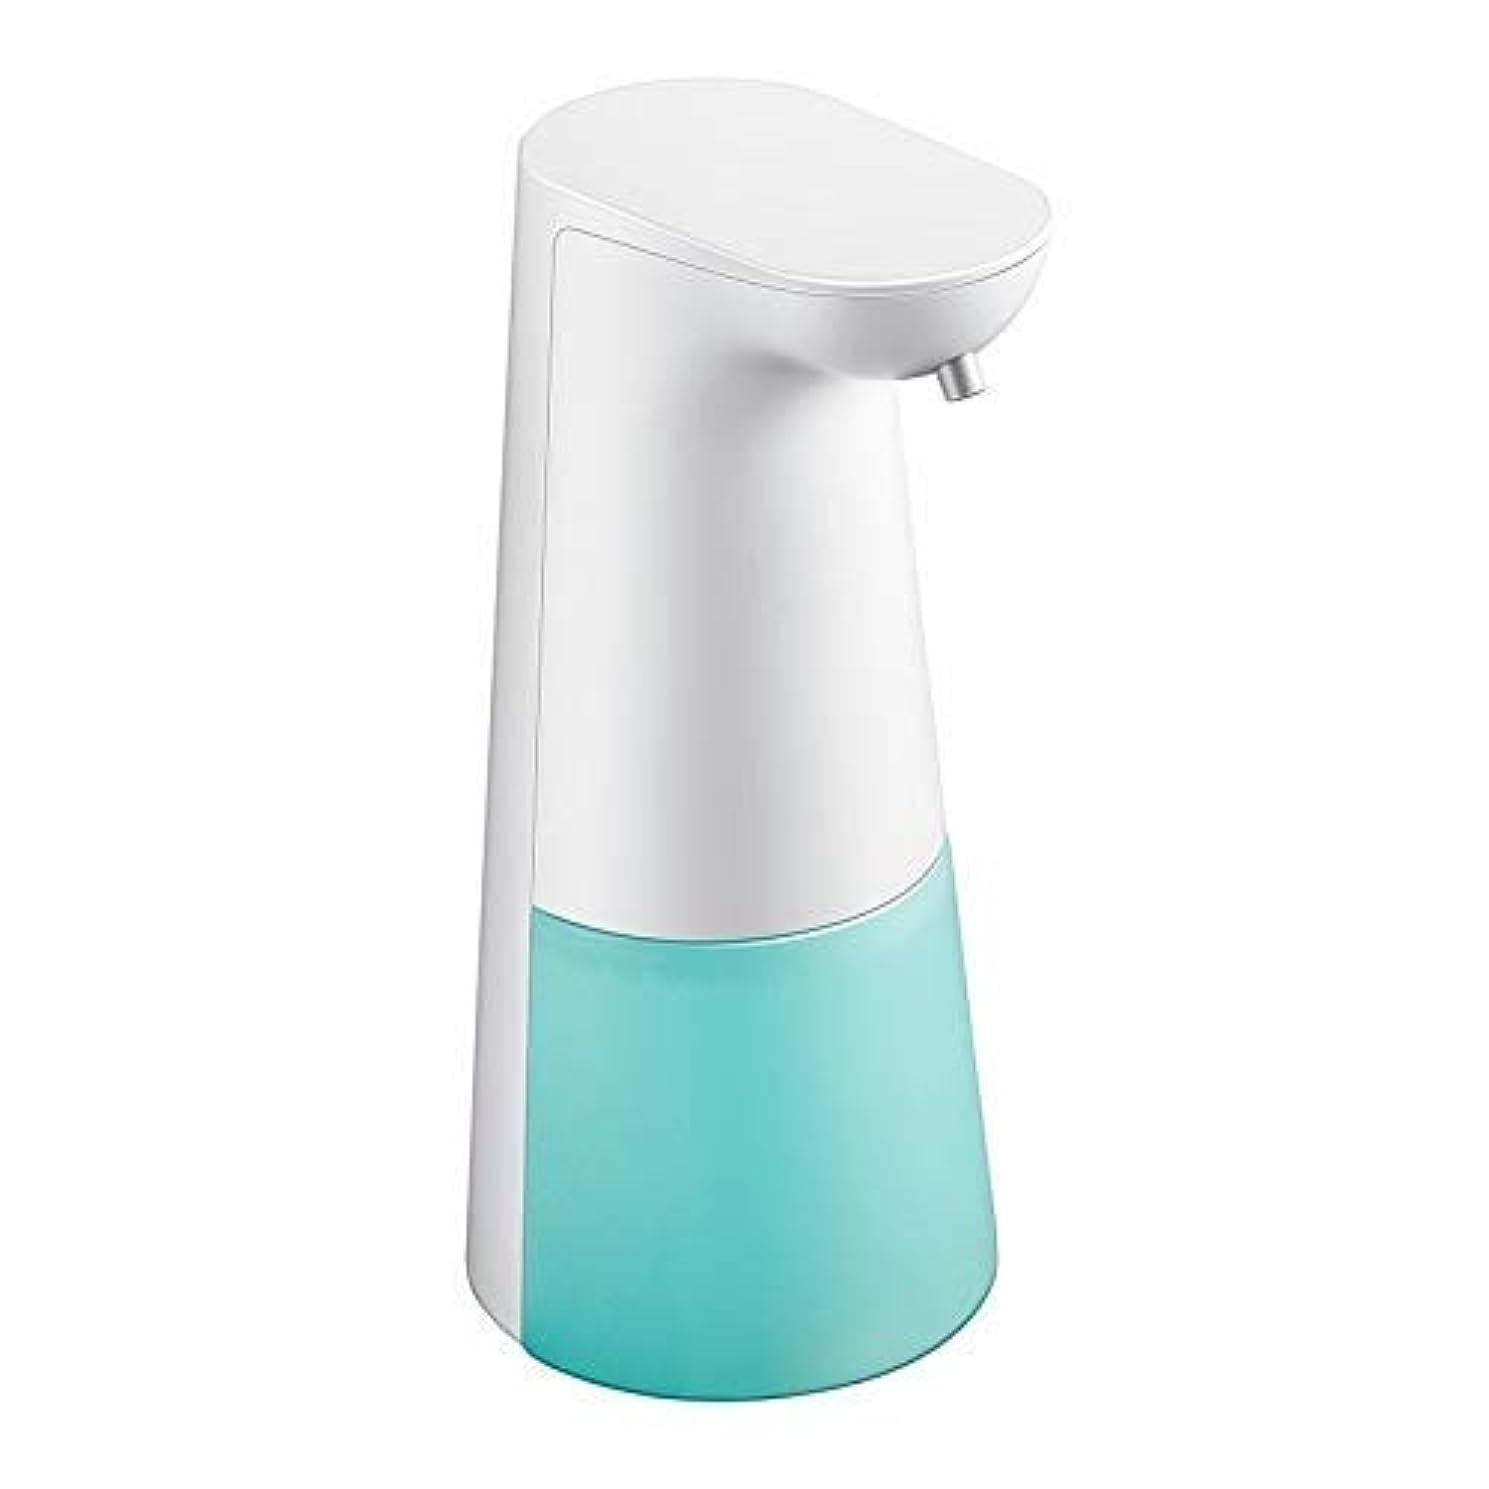 報復するメディアディスパッチ自動誘導の泡の石鹸機械ホテルの泡の石鹸ディスペンサーの自動手の消毒剤